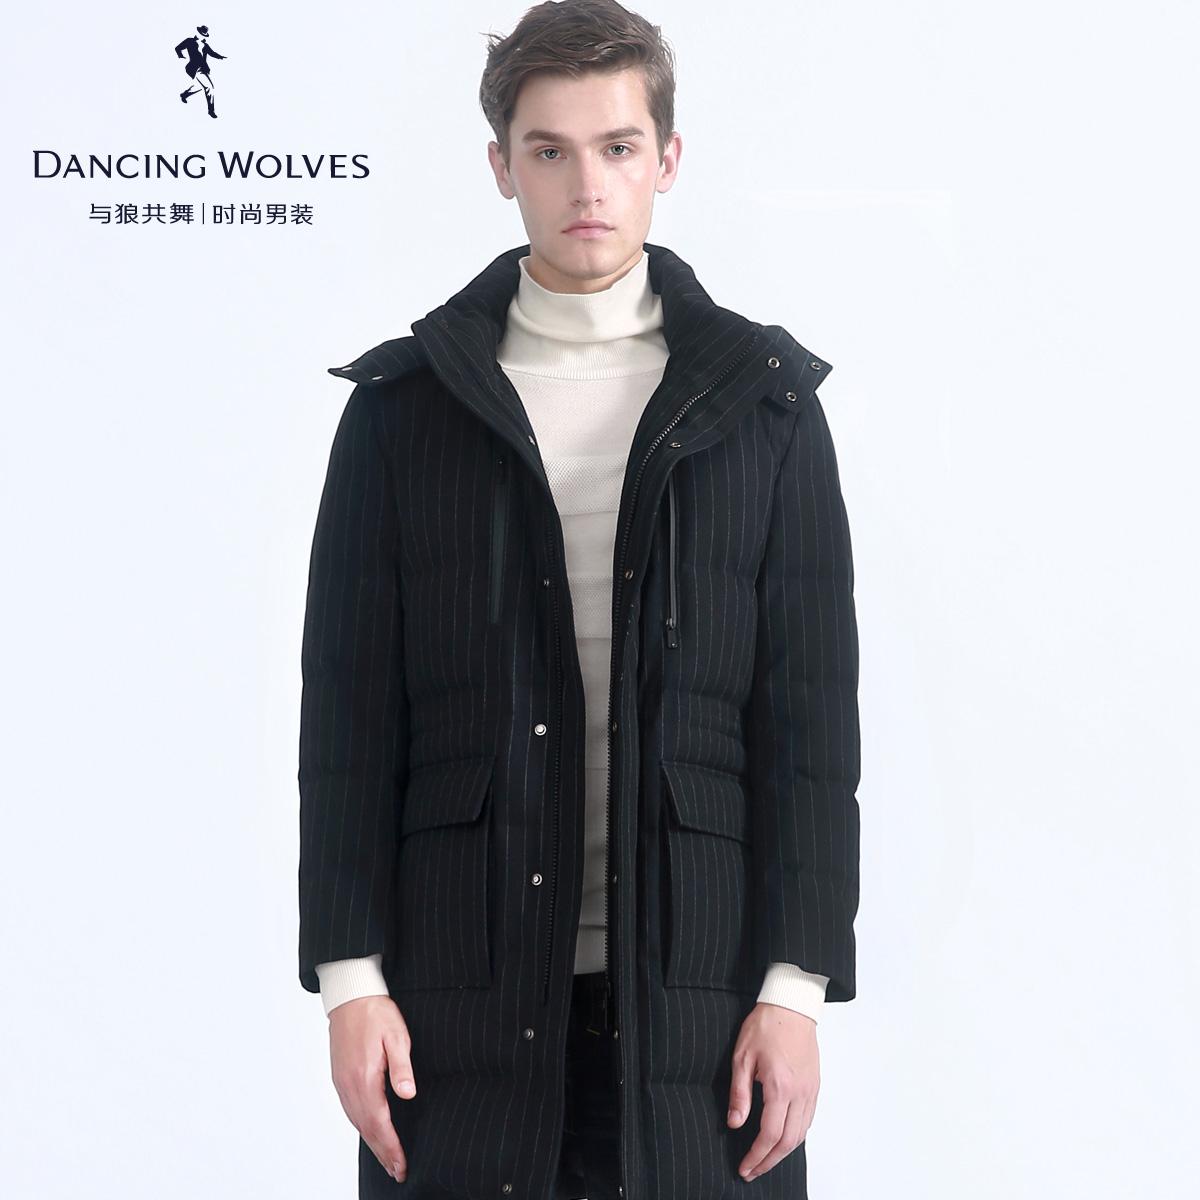 与狼共舞羽绒服2017冬季新款男装连帽中长款男士羽绒外套7802